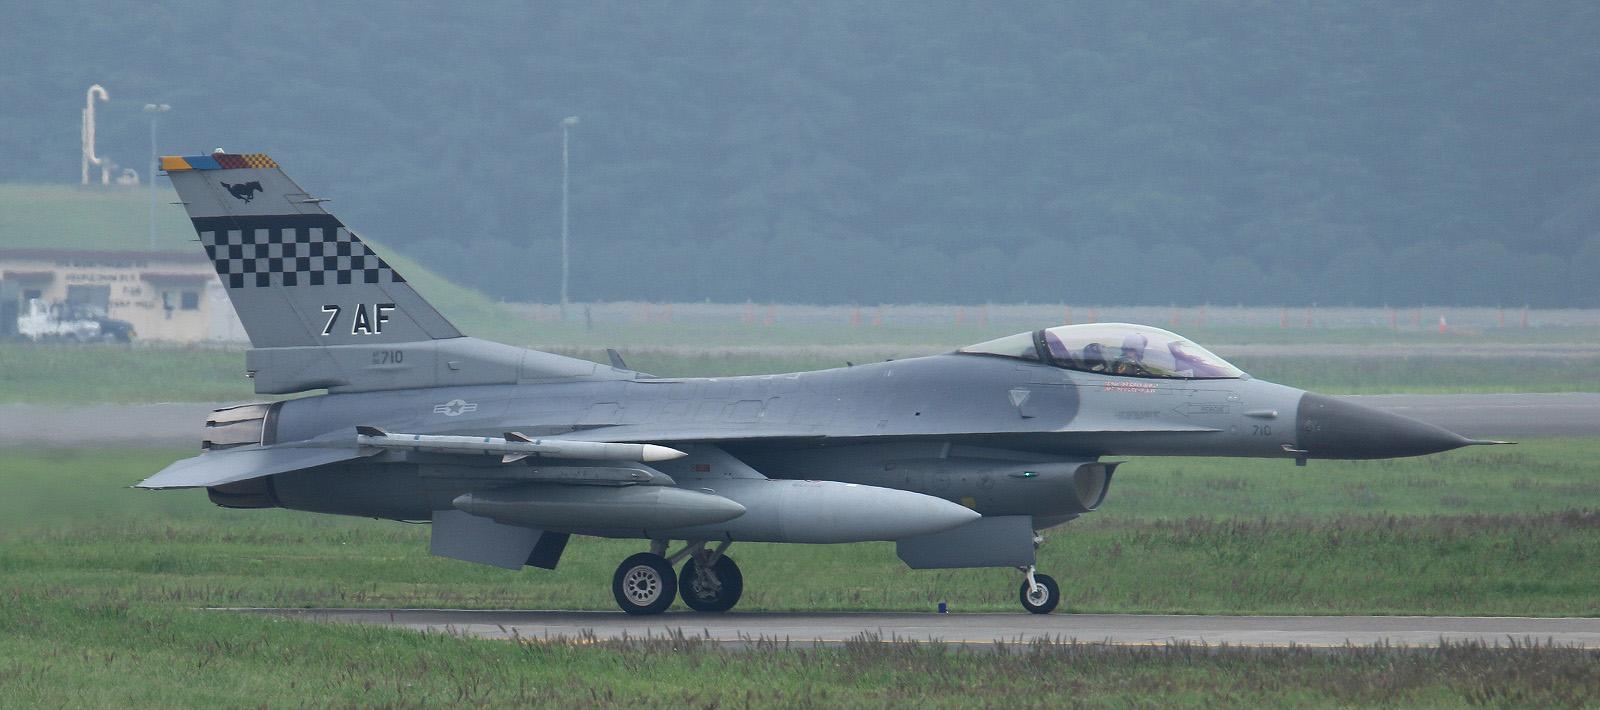 F16cm160815g289